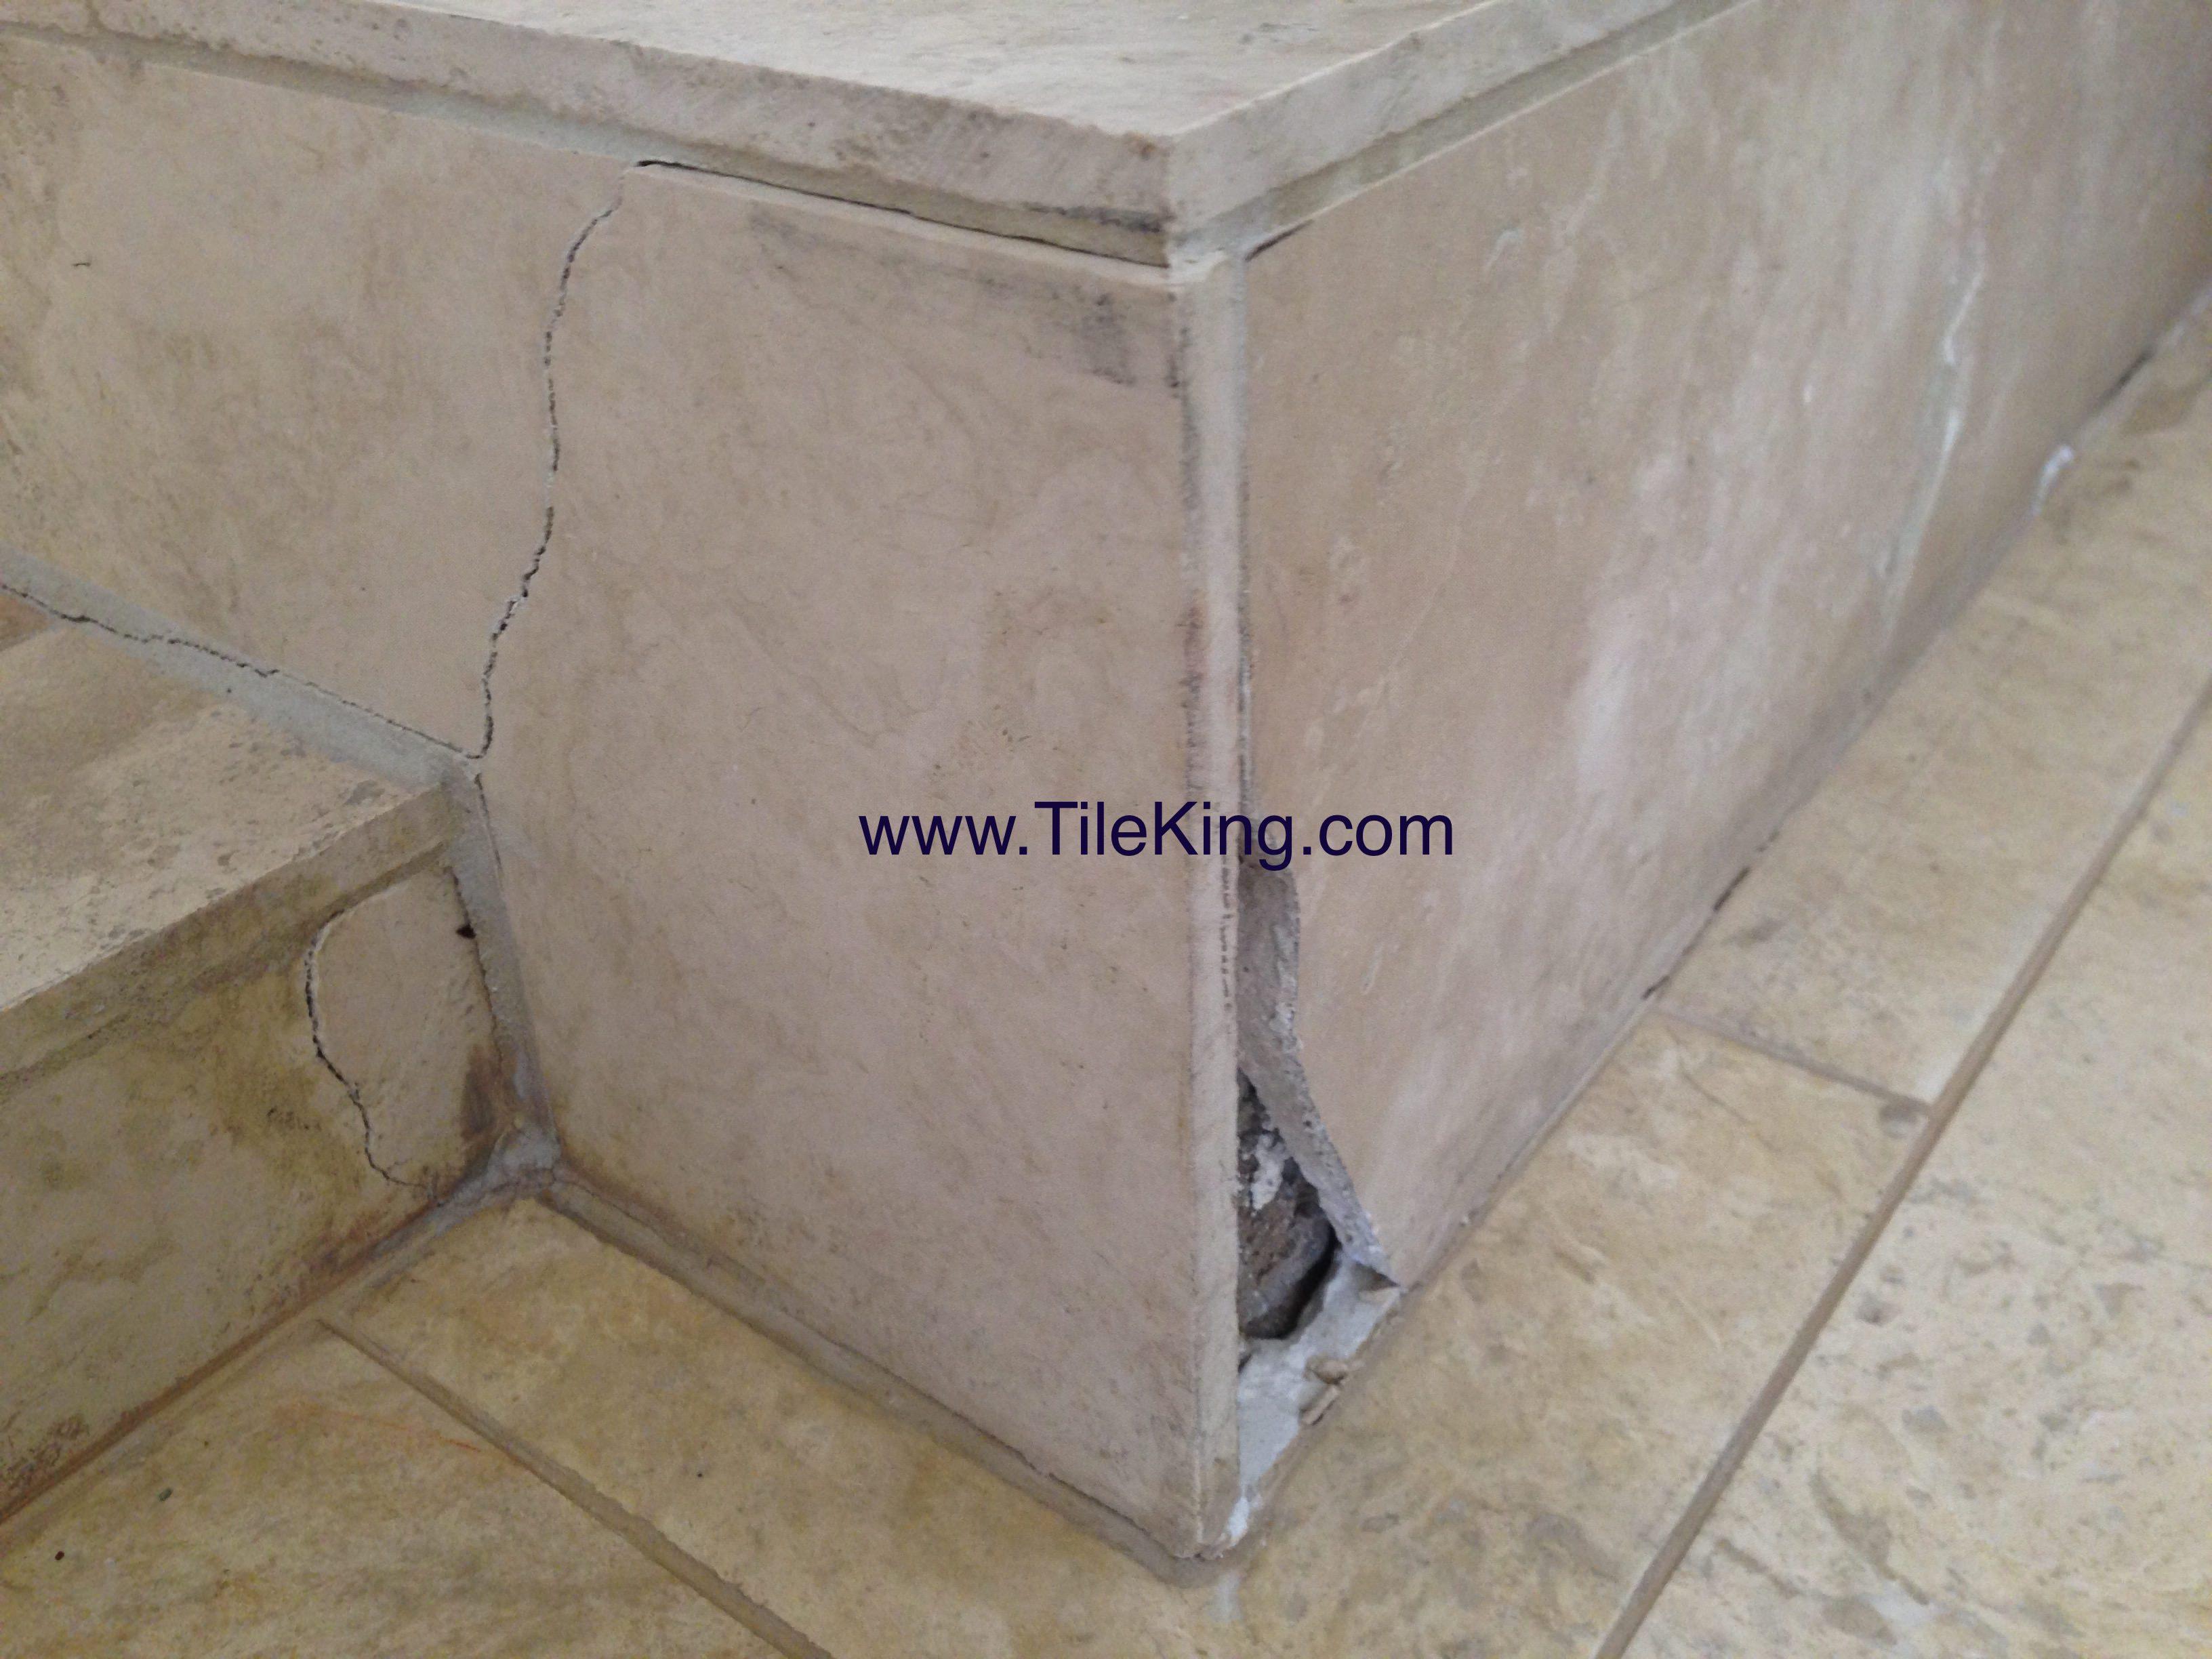 travertine crack before repair